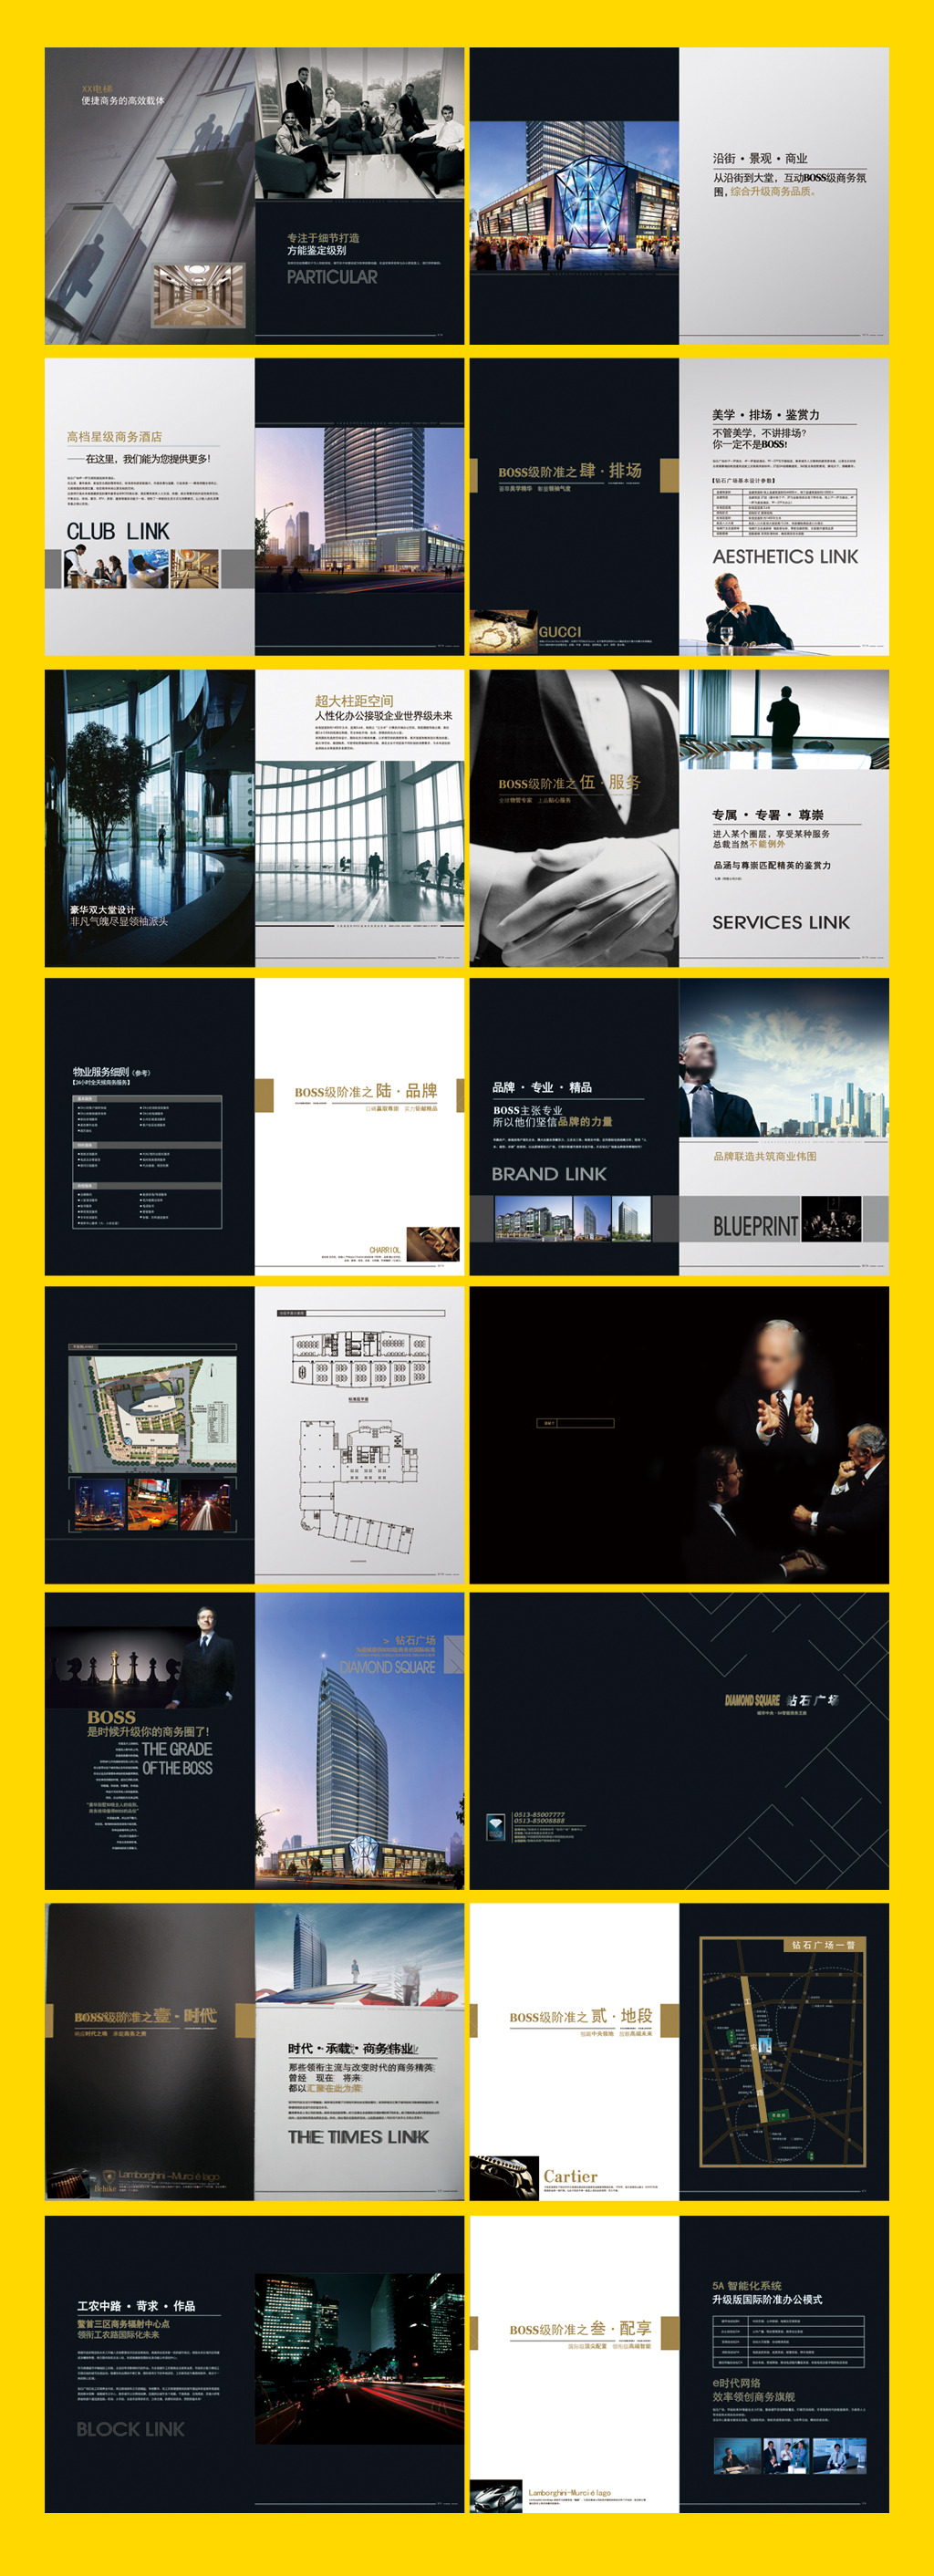 地产公�9a[^h��yZ_商业房地产国际公画册宣传册寓